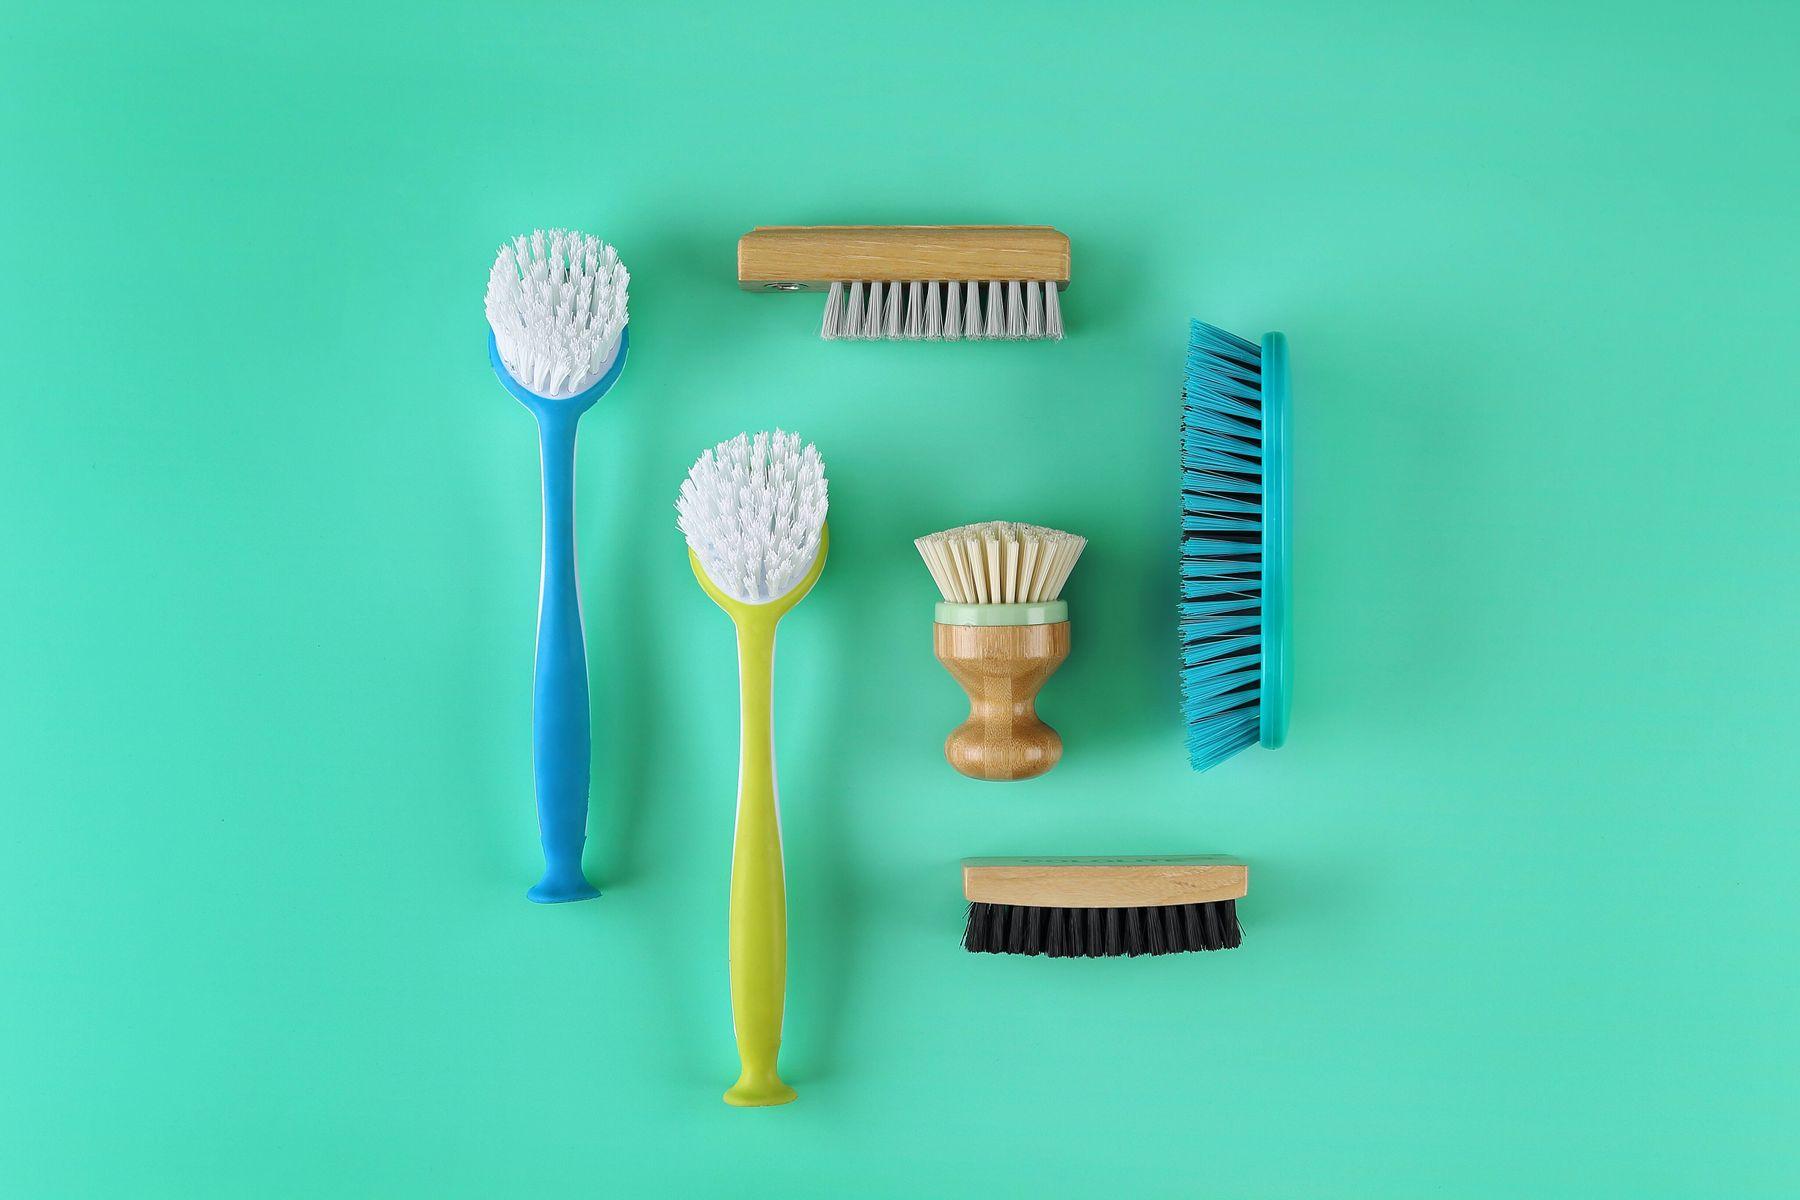 spazzole di varie dimensioni, colori e forme